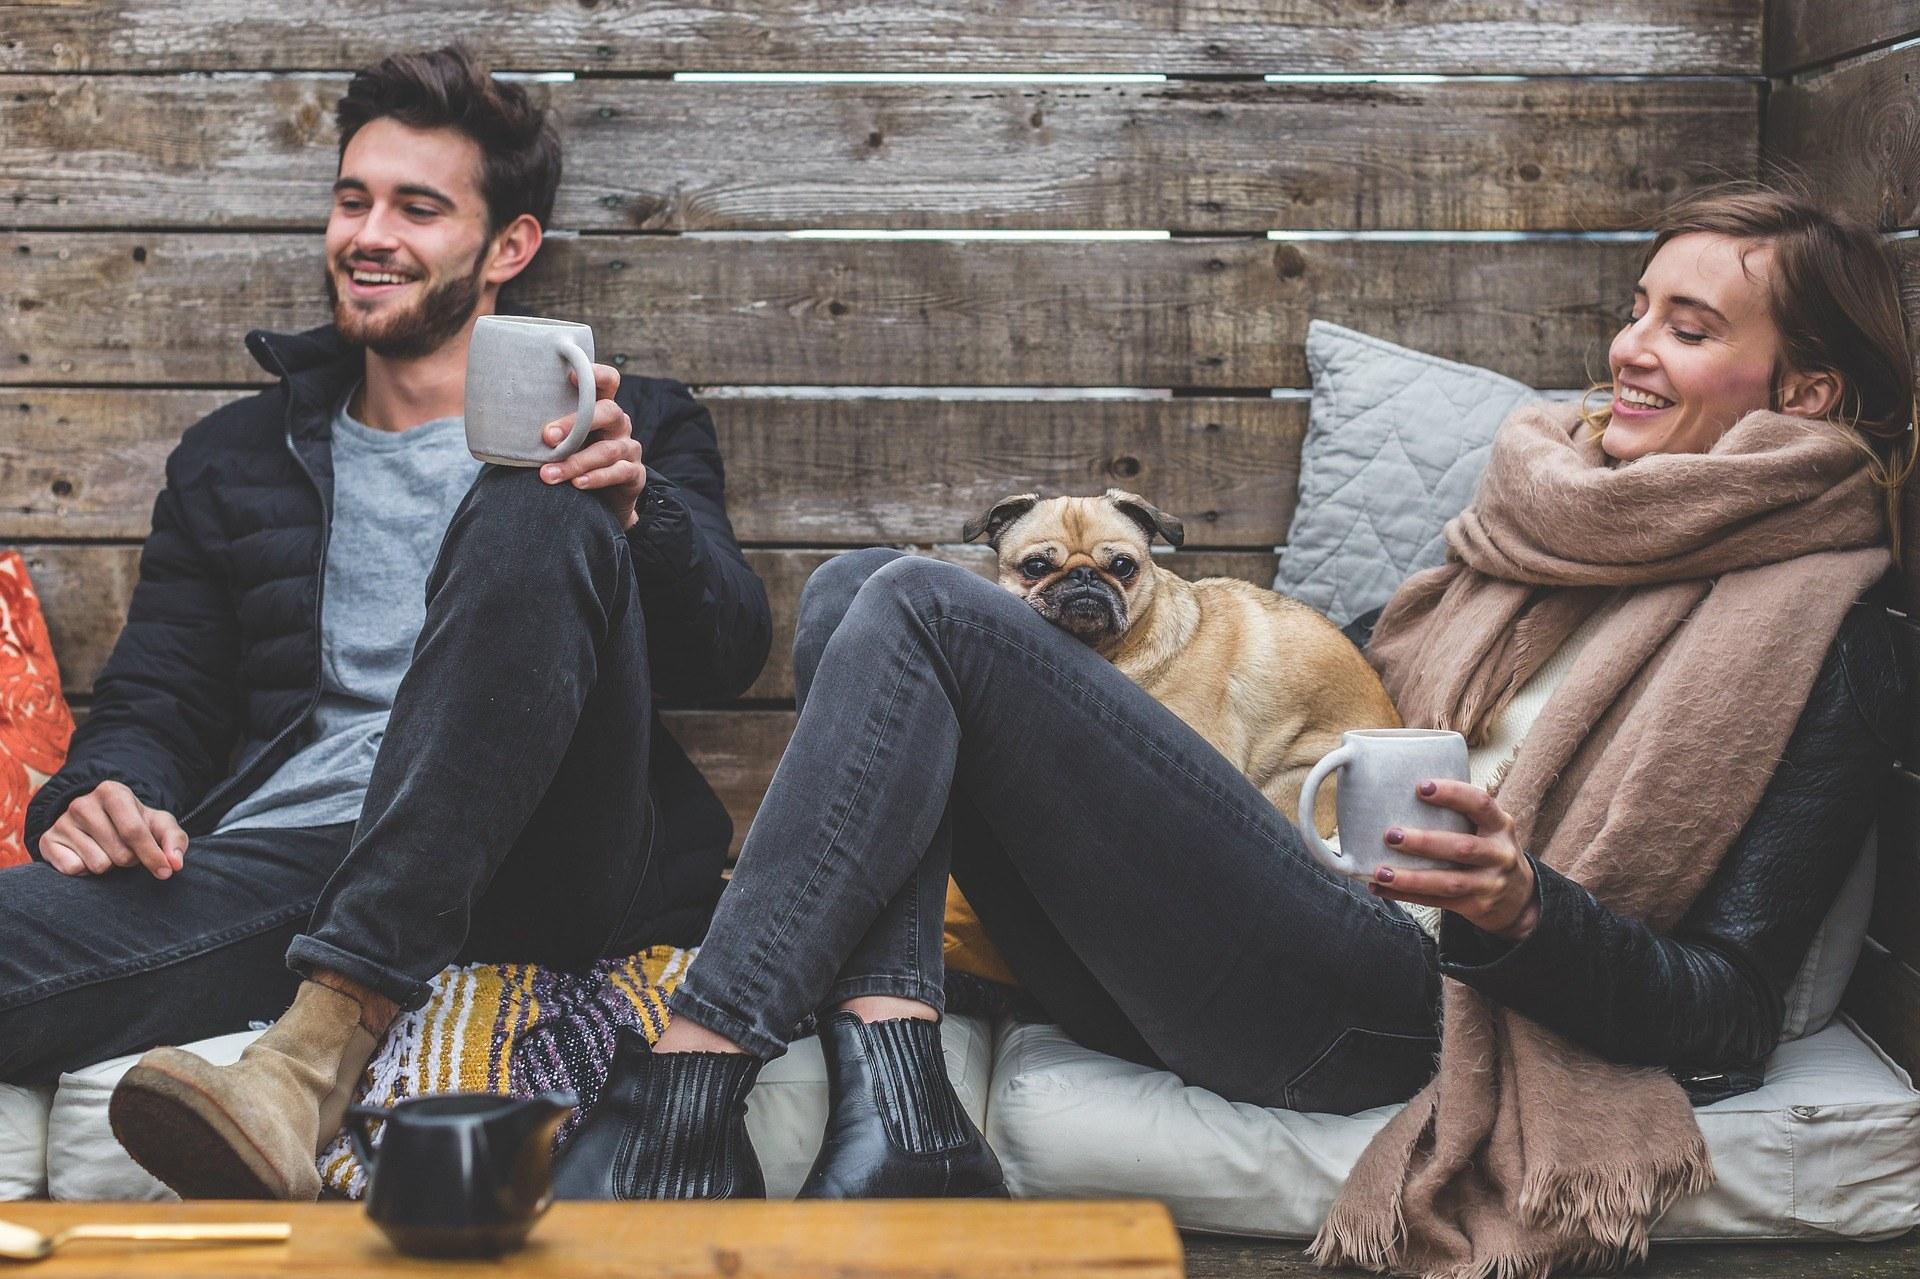 друзья пьют кофе